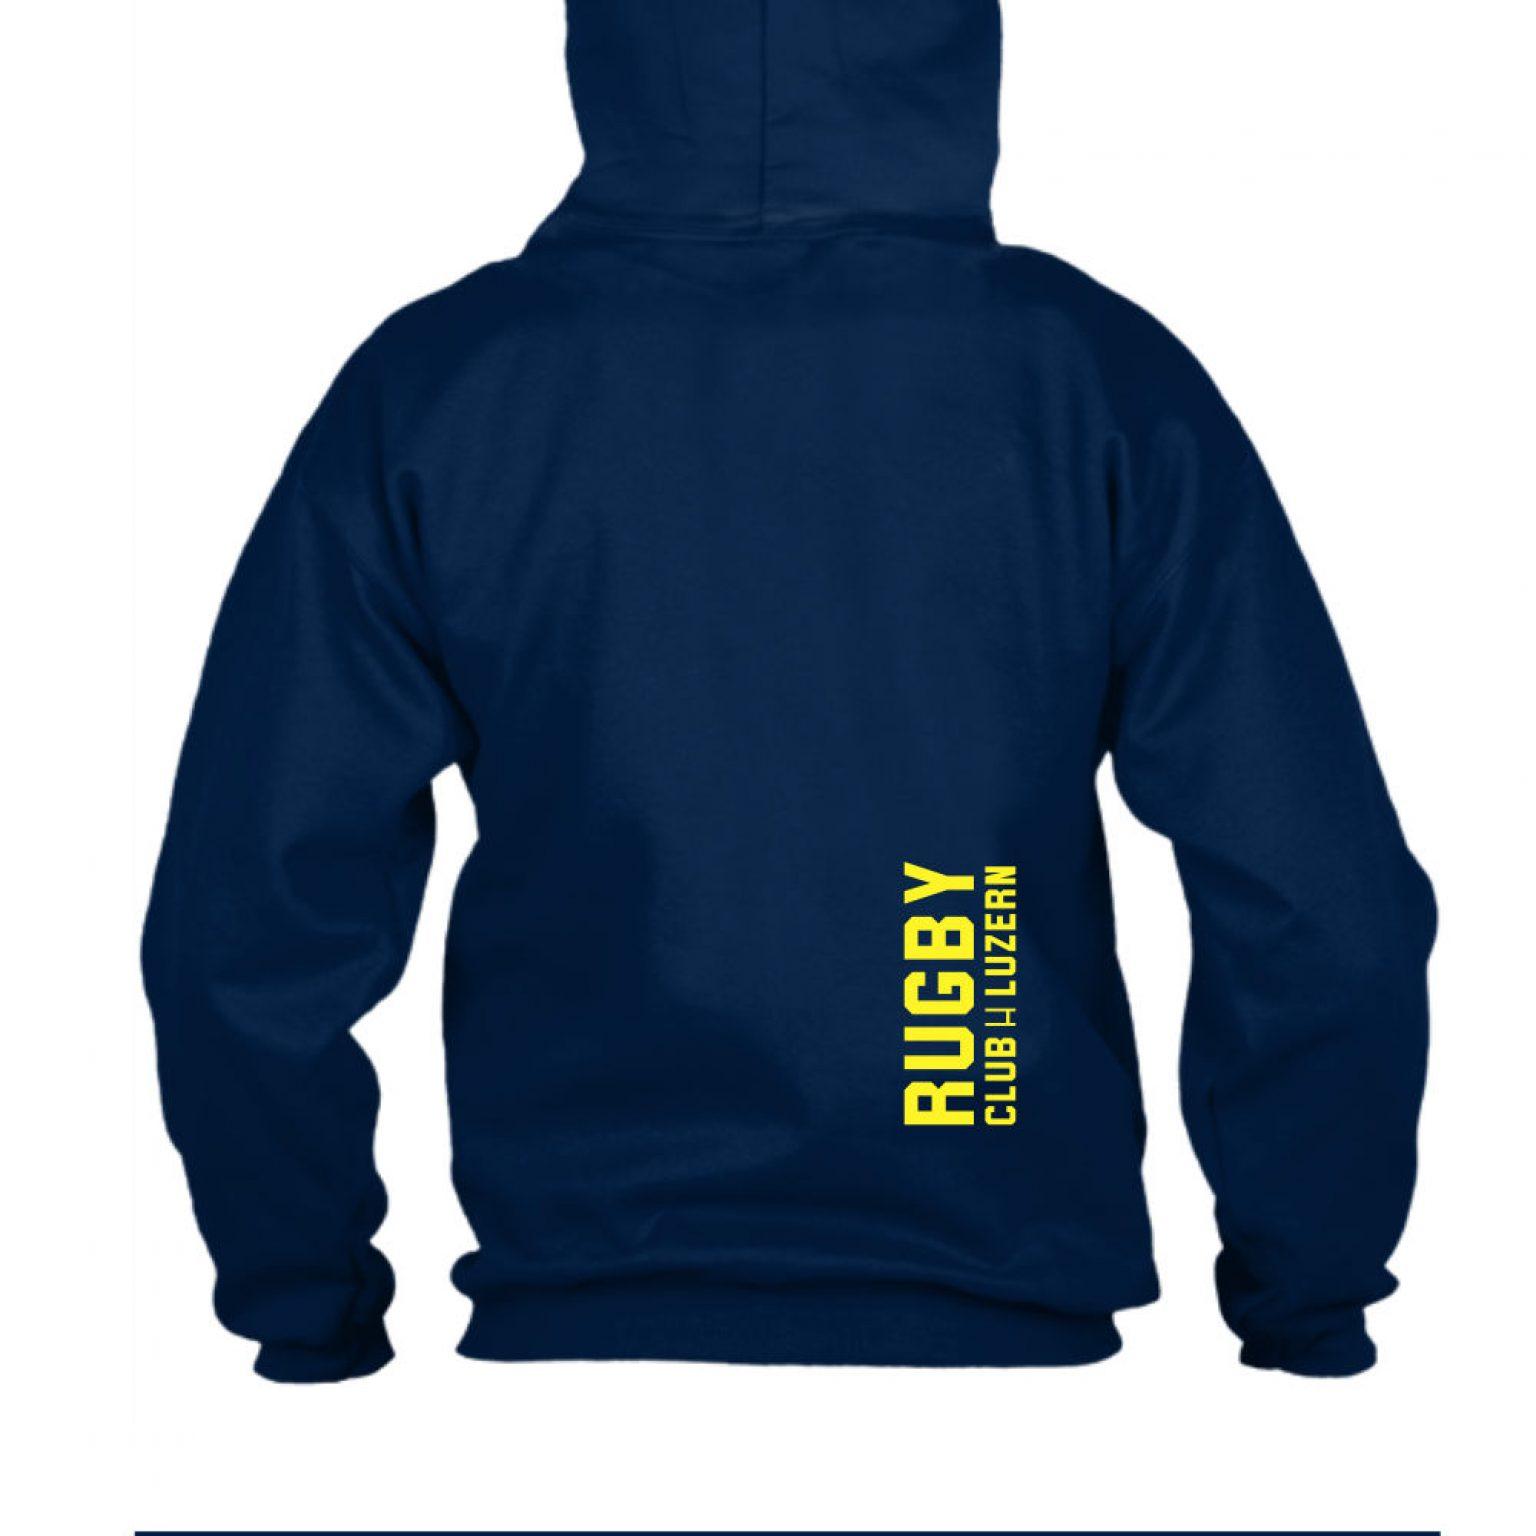 yesmom hoodie herren navy back